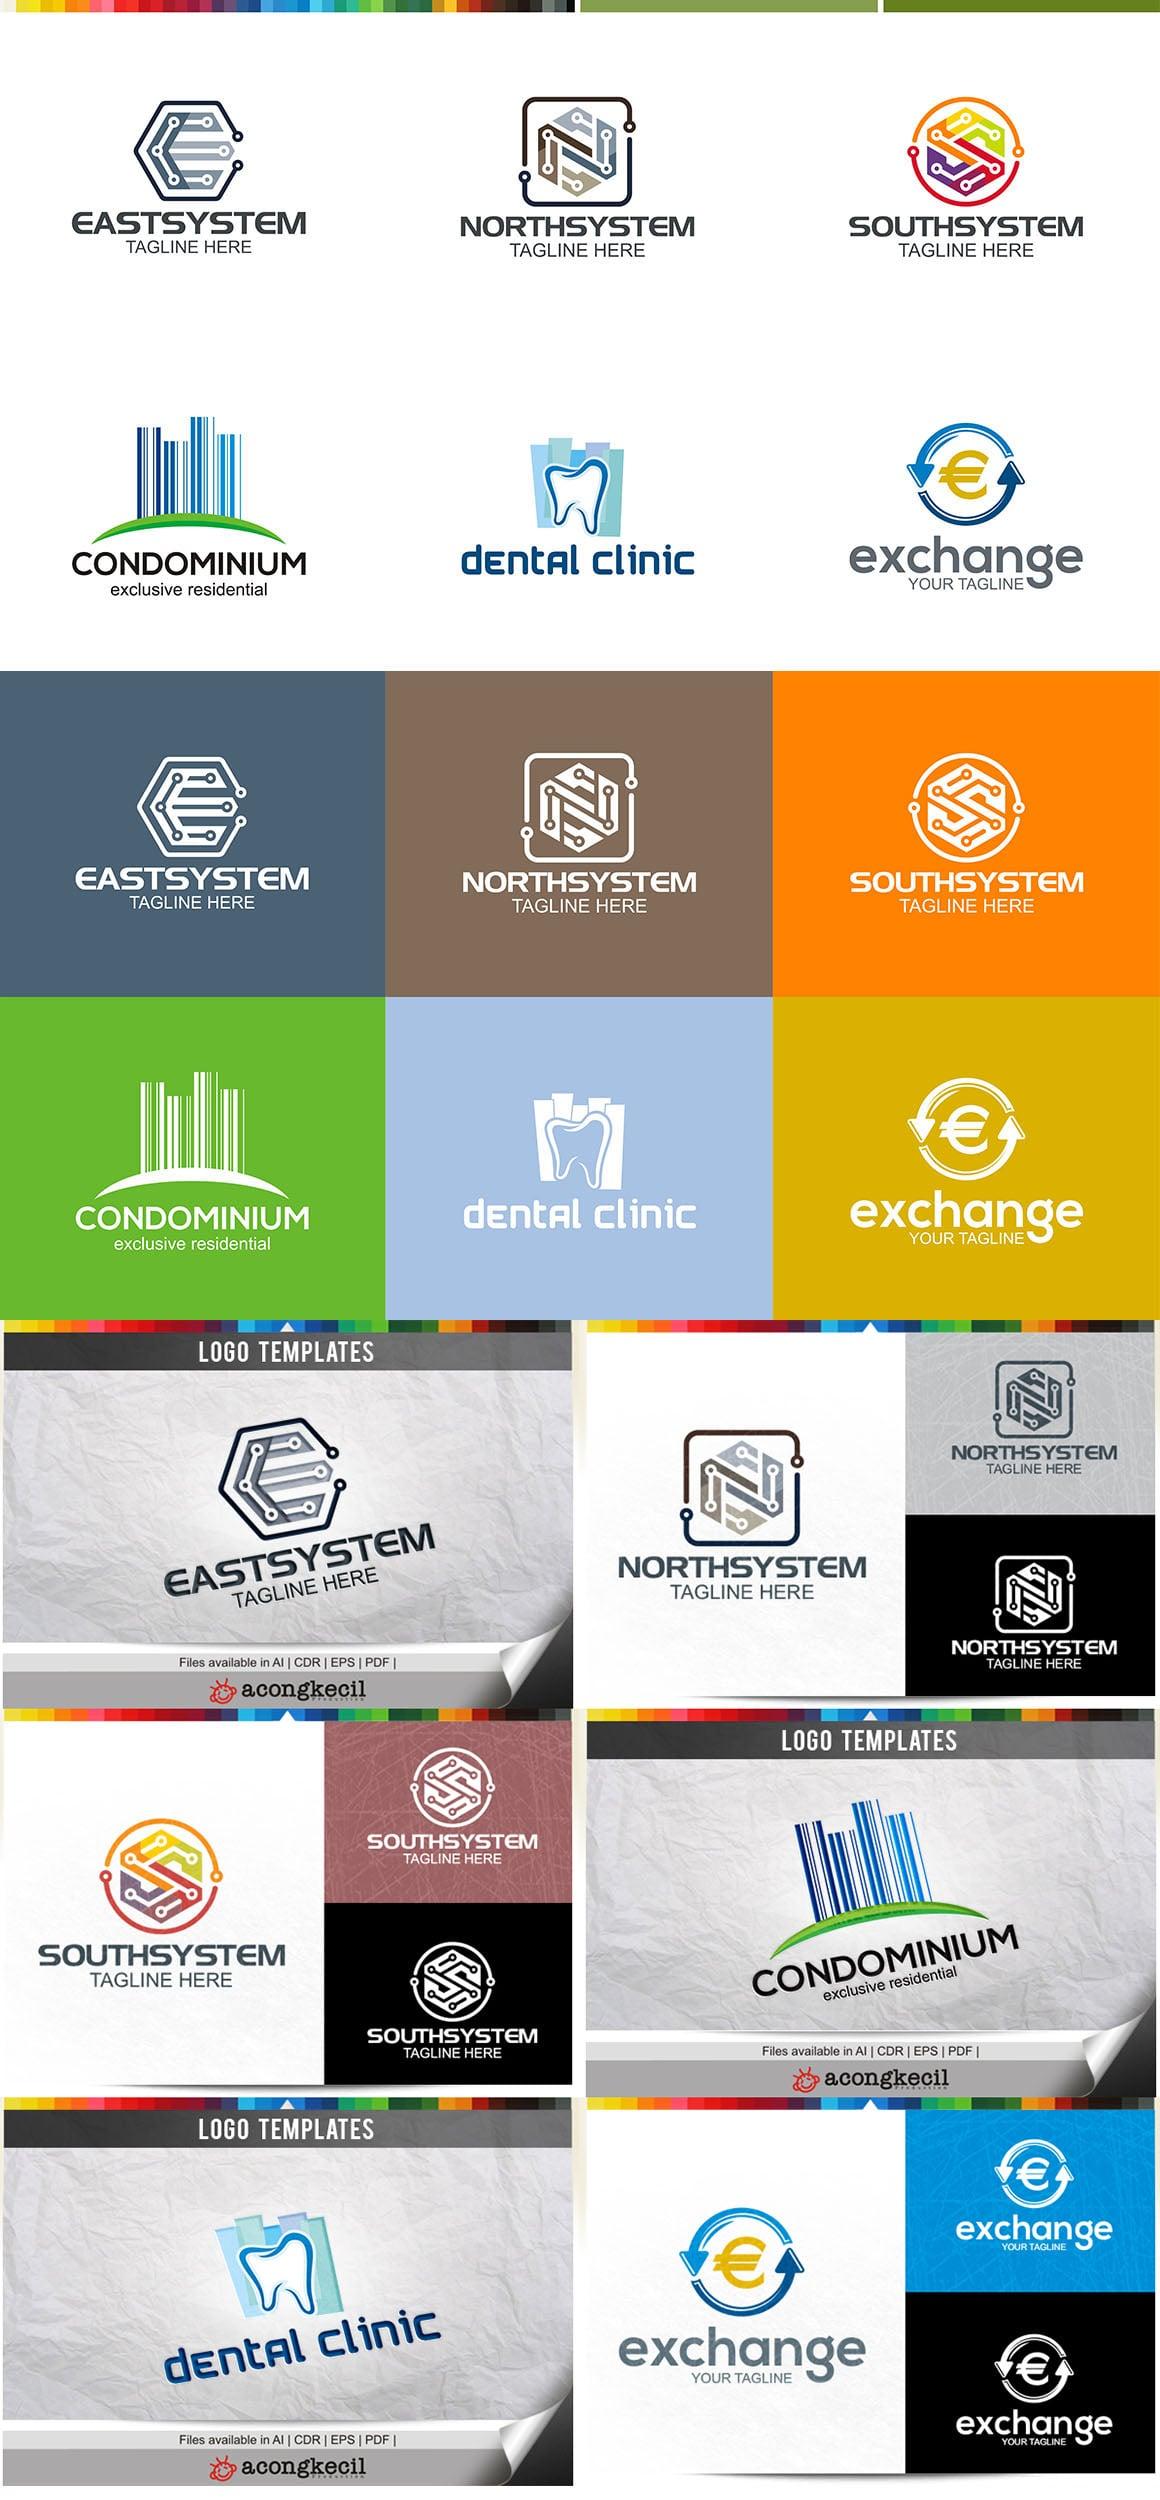 446 Business Logo Bundle - 99%+ OFF - Bundle 07 Preview5A